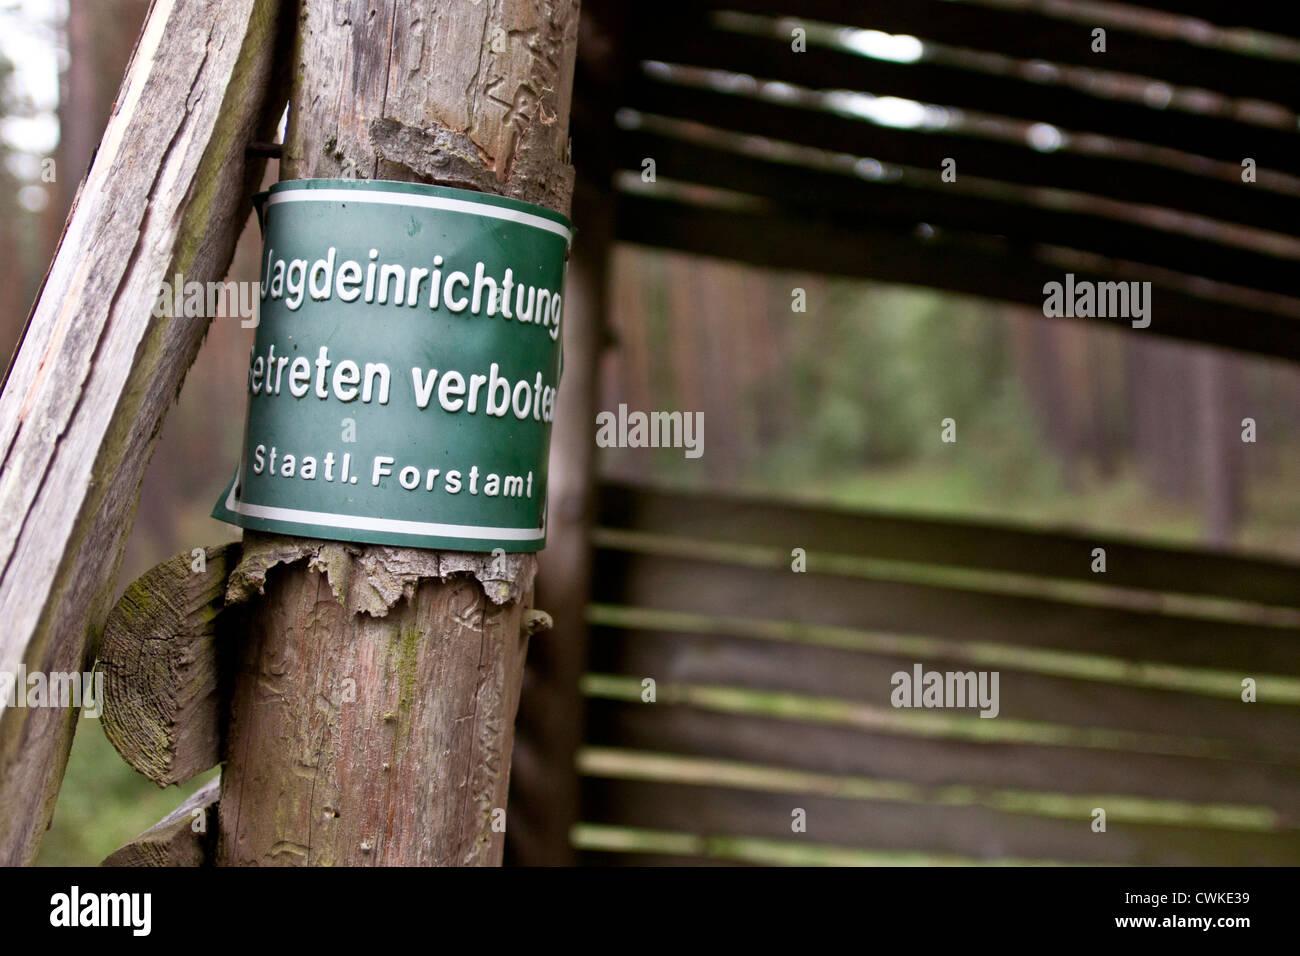 Jagd, Unterstand, Betreten Verboten - Stock Image